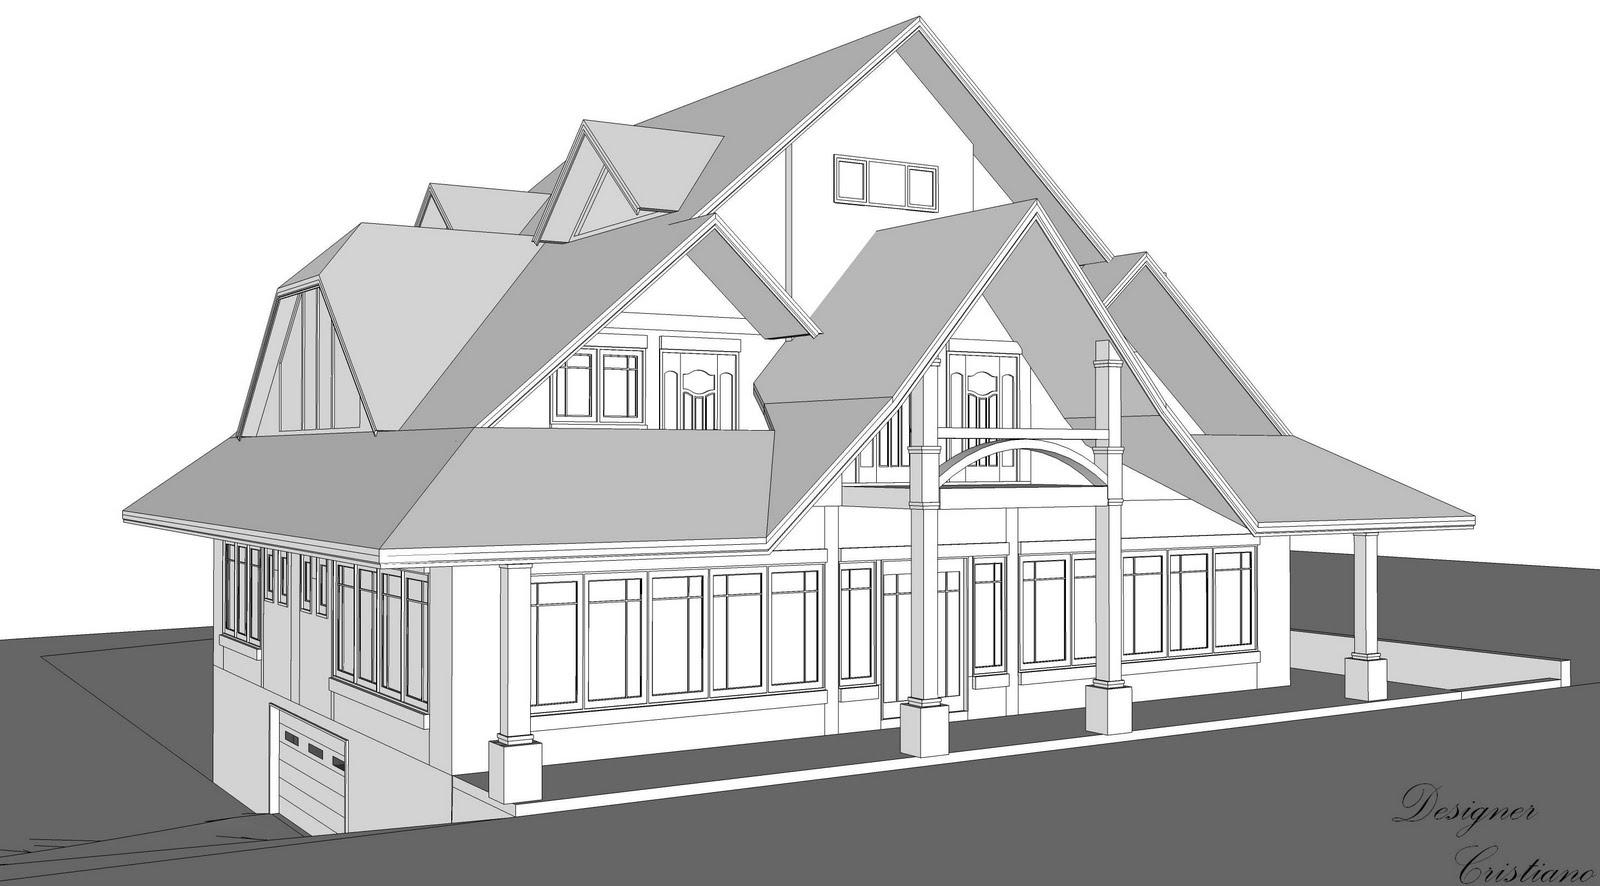 Cristiano Souza : Perspectiva comercial e residencial. #4D4D4D 1600x886 Banheiro Completo Autocad